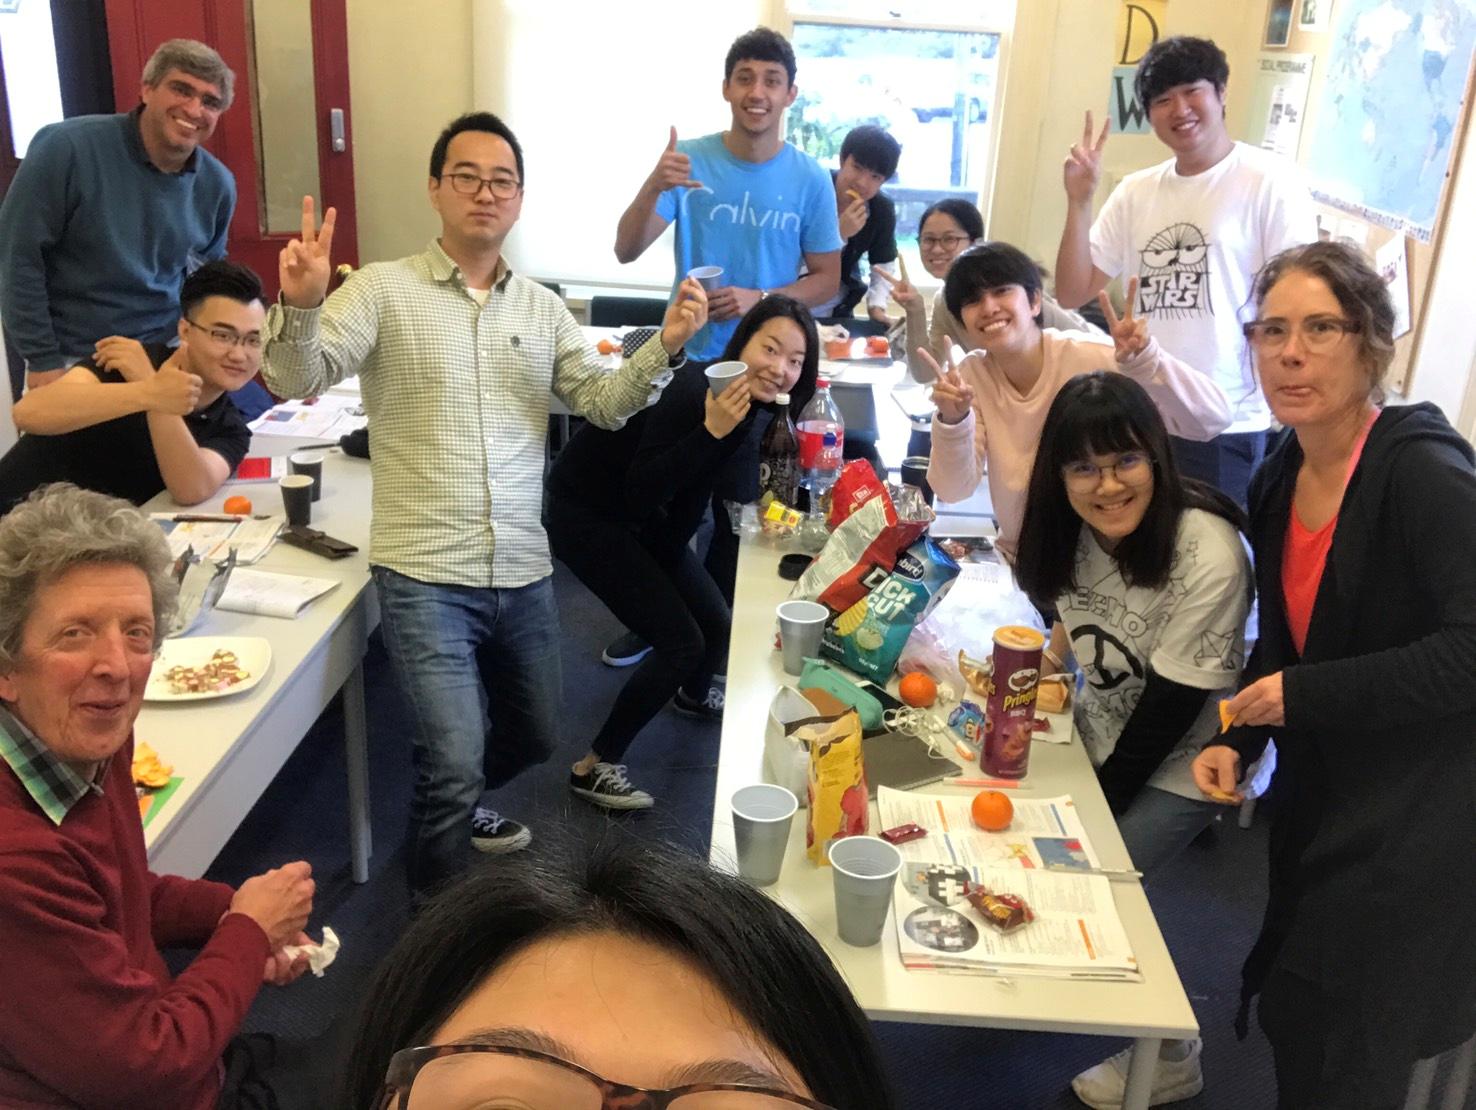 ประสบการณ์เรียนภาษาอังกฤษที่ Languages International School ที่เมืองโอ๊คแลนด์ ประเทศนิวซีแลนด์